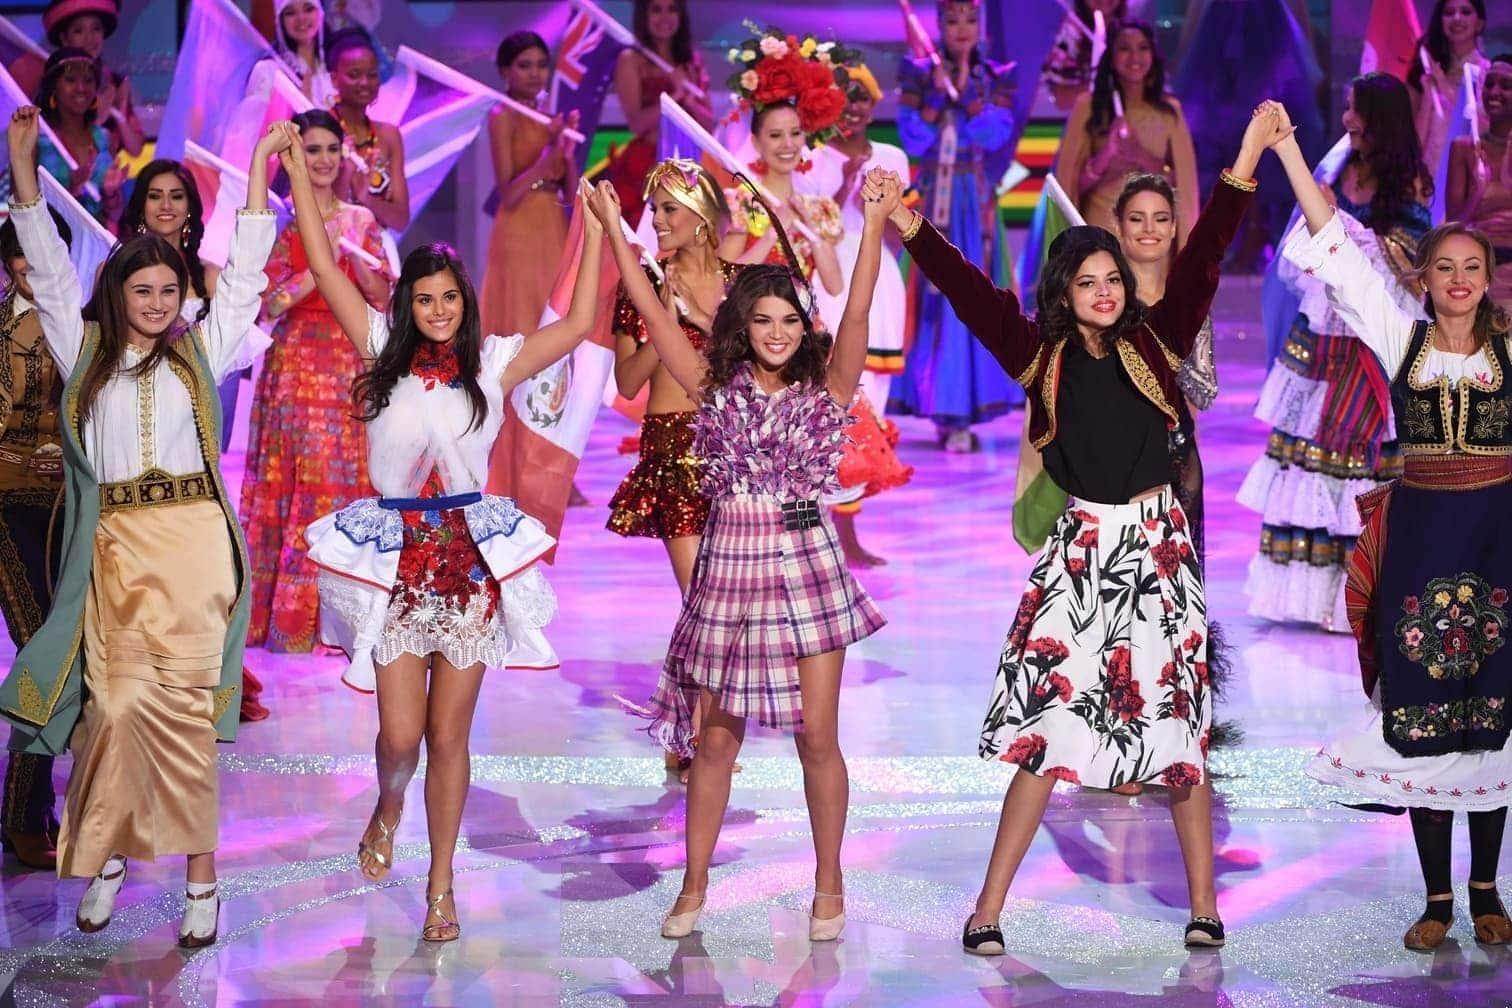 """gekrönt. Beim 68. Durchlauf des Wettbewerbs hatten 118 Frauen um den Titel der """"Miss World"""" gekämpft.</p> Foto: AFP/Greg Baker"""